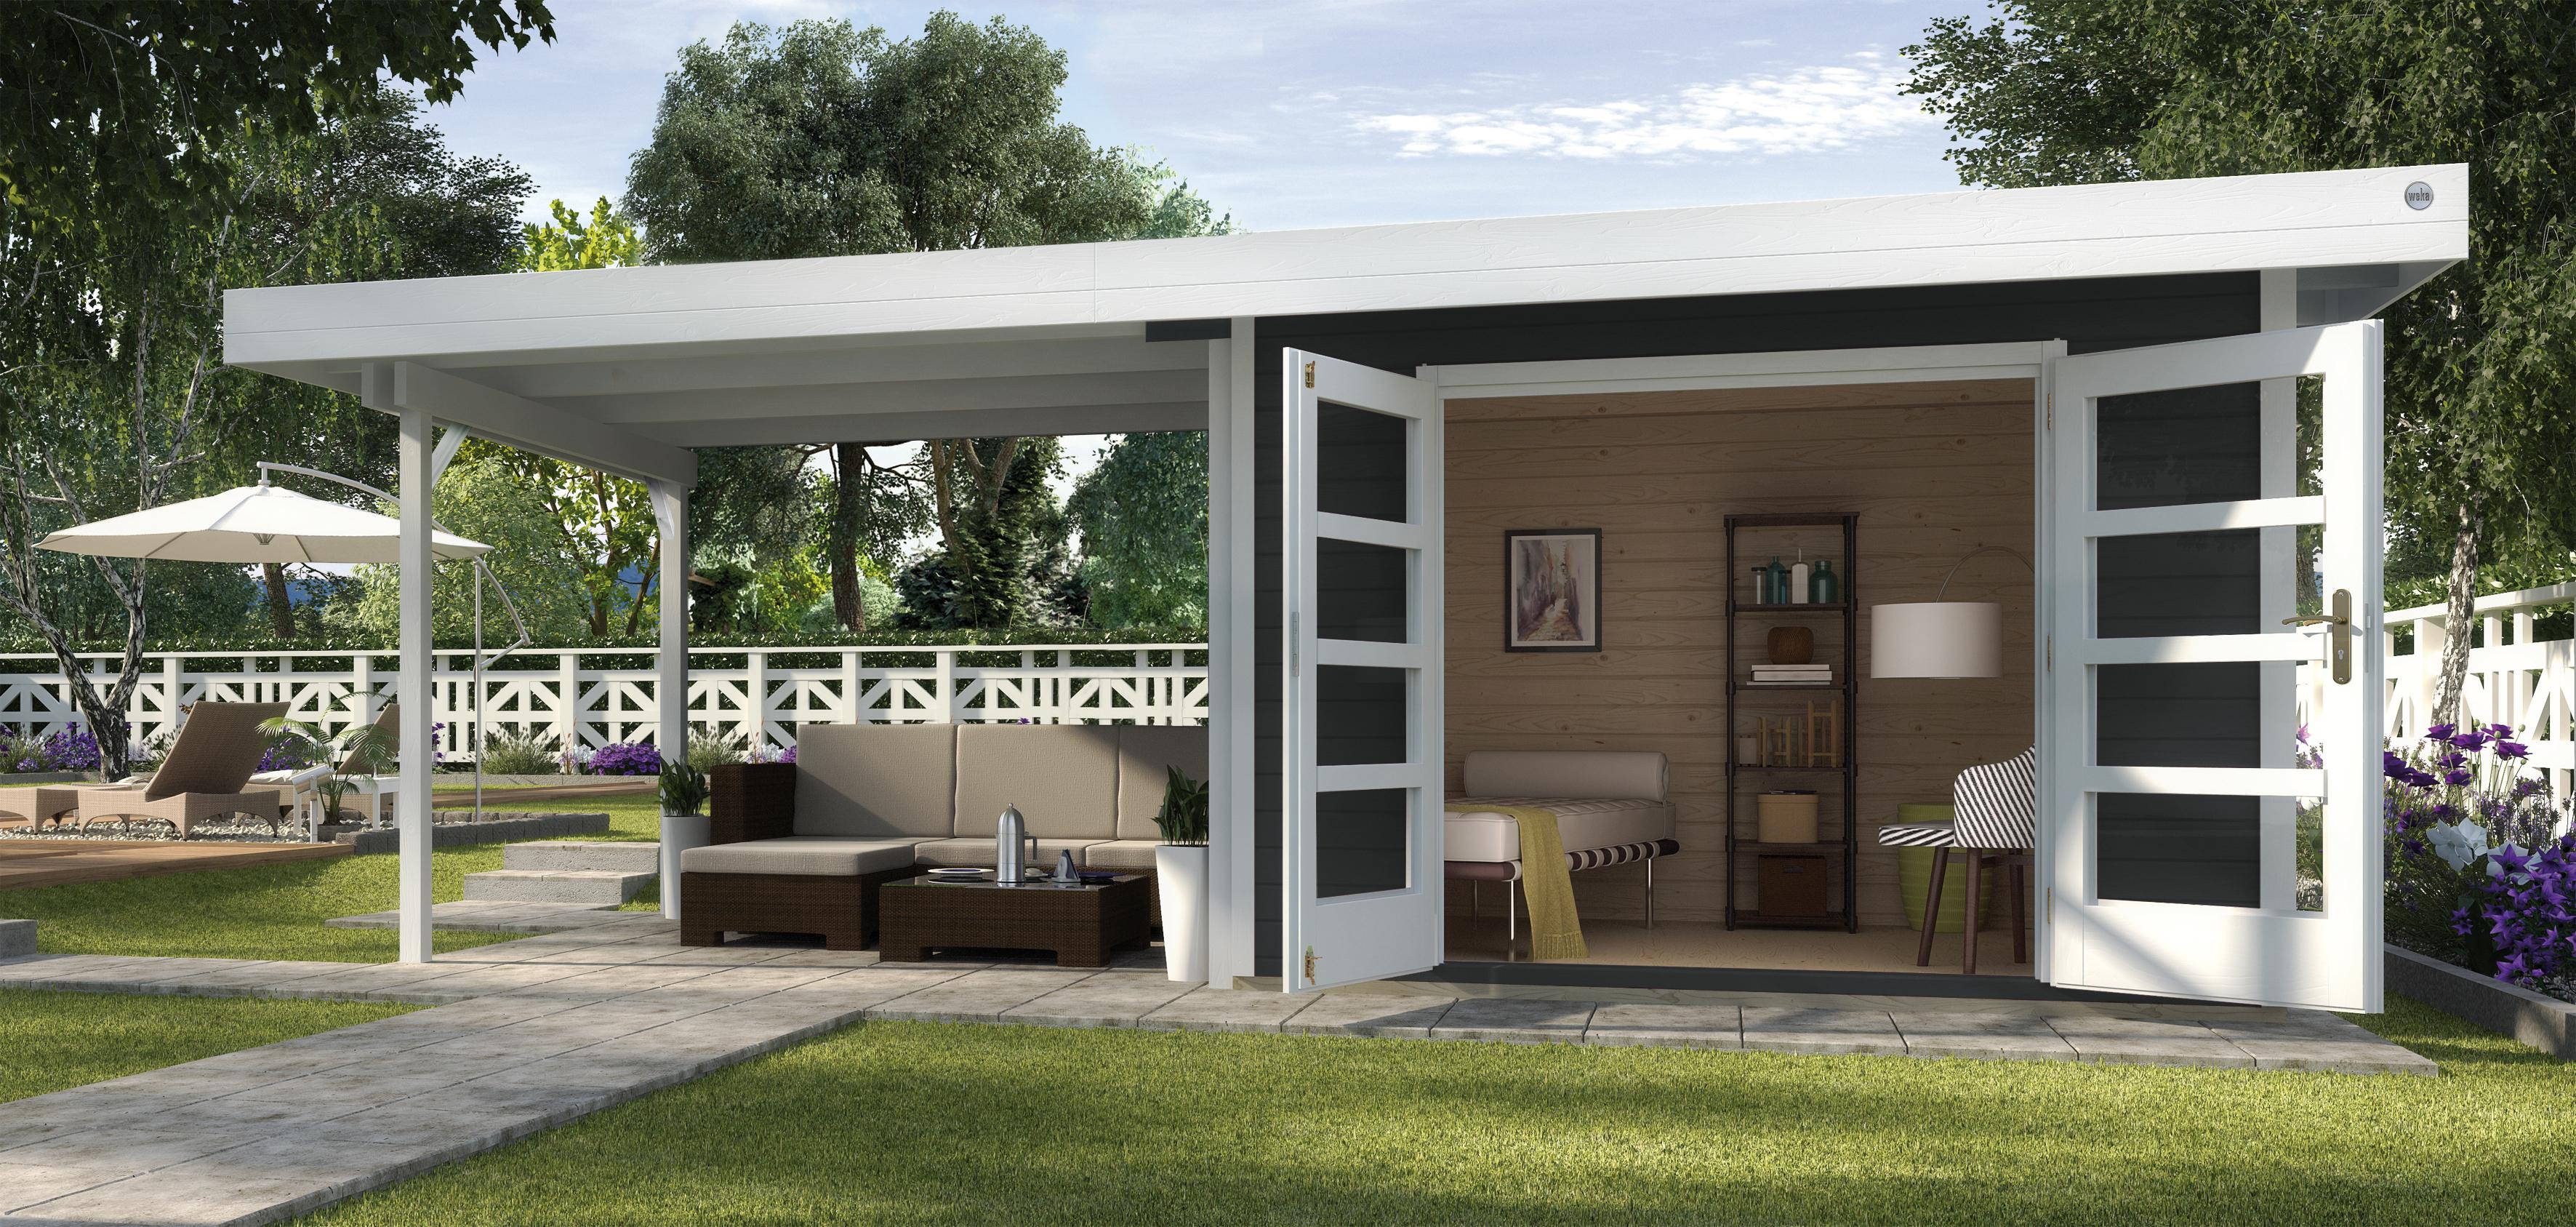 Abri De Jardin Design Toit Plat Avec Auvent - Abri Bois De 10 À 15 M² Nea  Concept avec Abri De Jardin Design